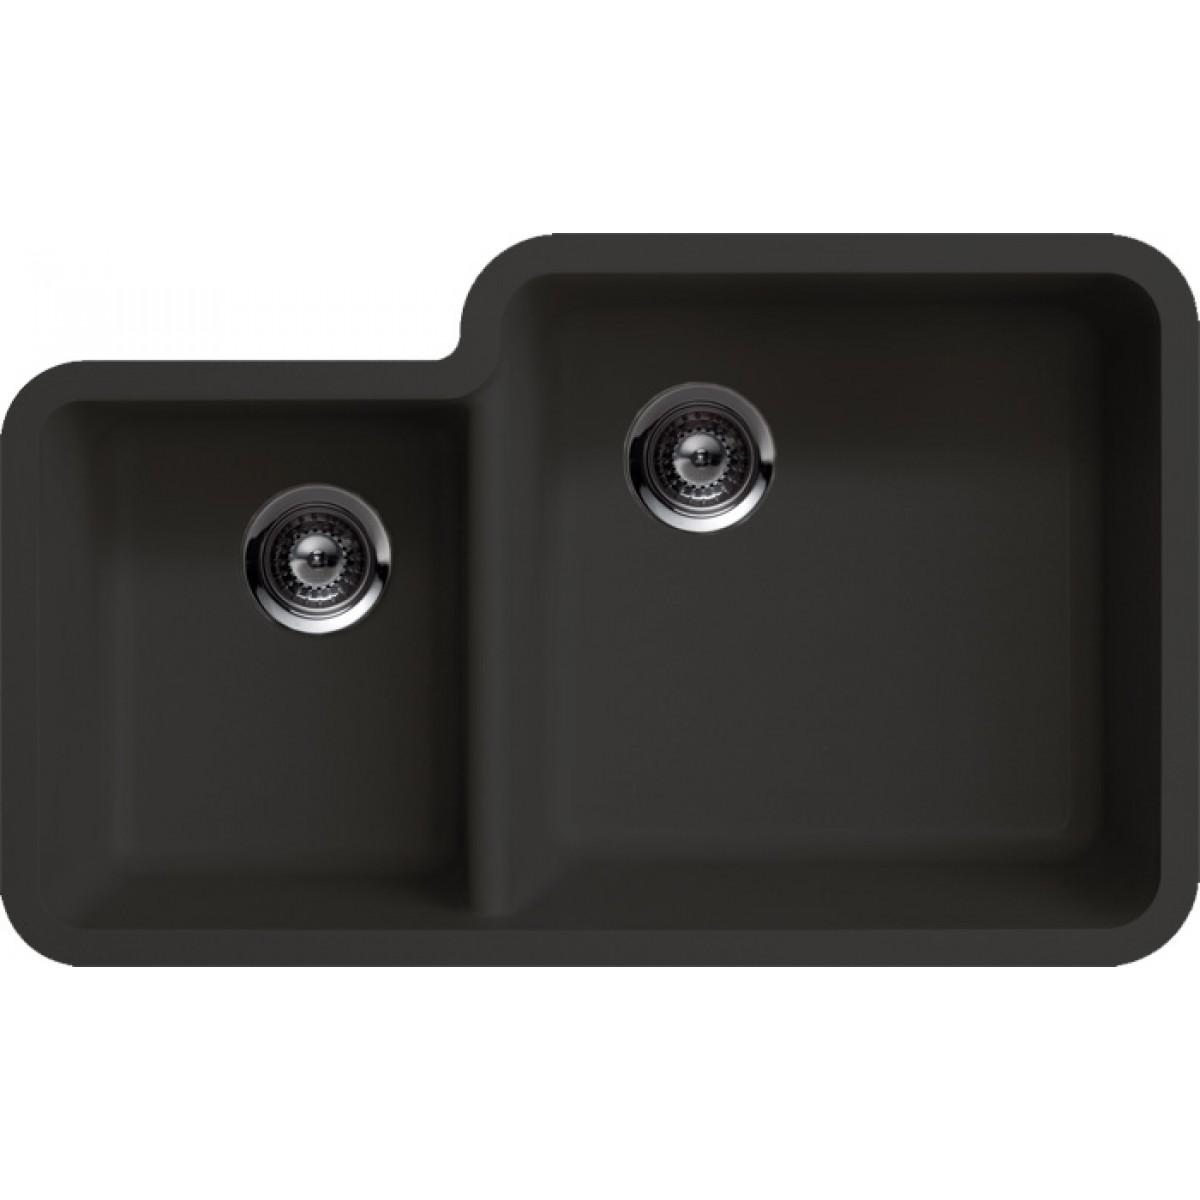 Black Quartz Composite 40 60 Double Bowl Undermount Kitchen Sink 33 X 20 13 16 7 3 4 9 Inch